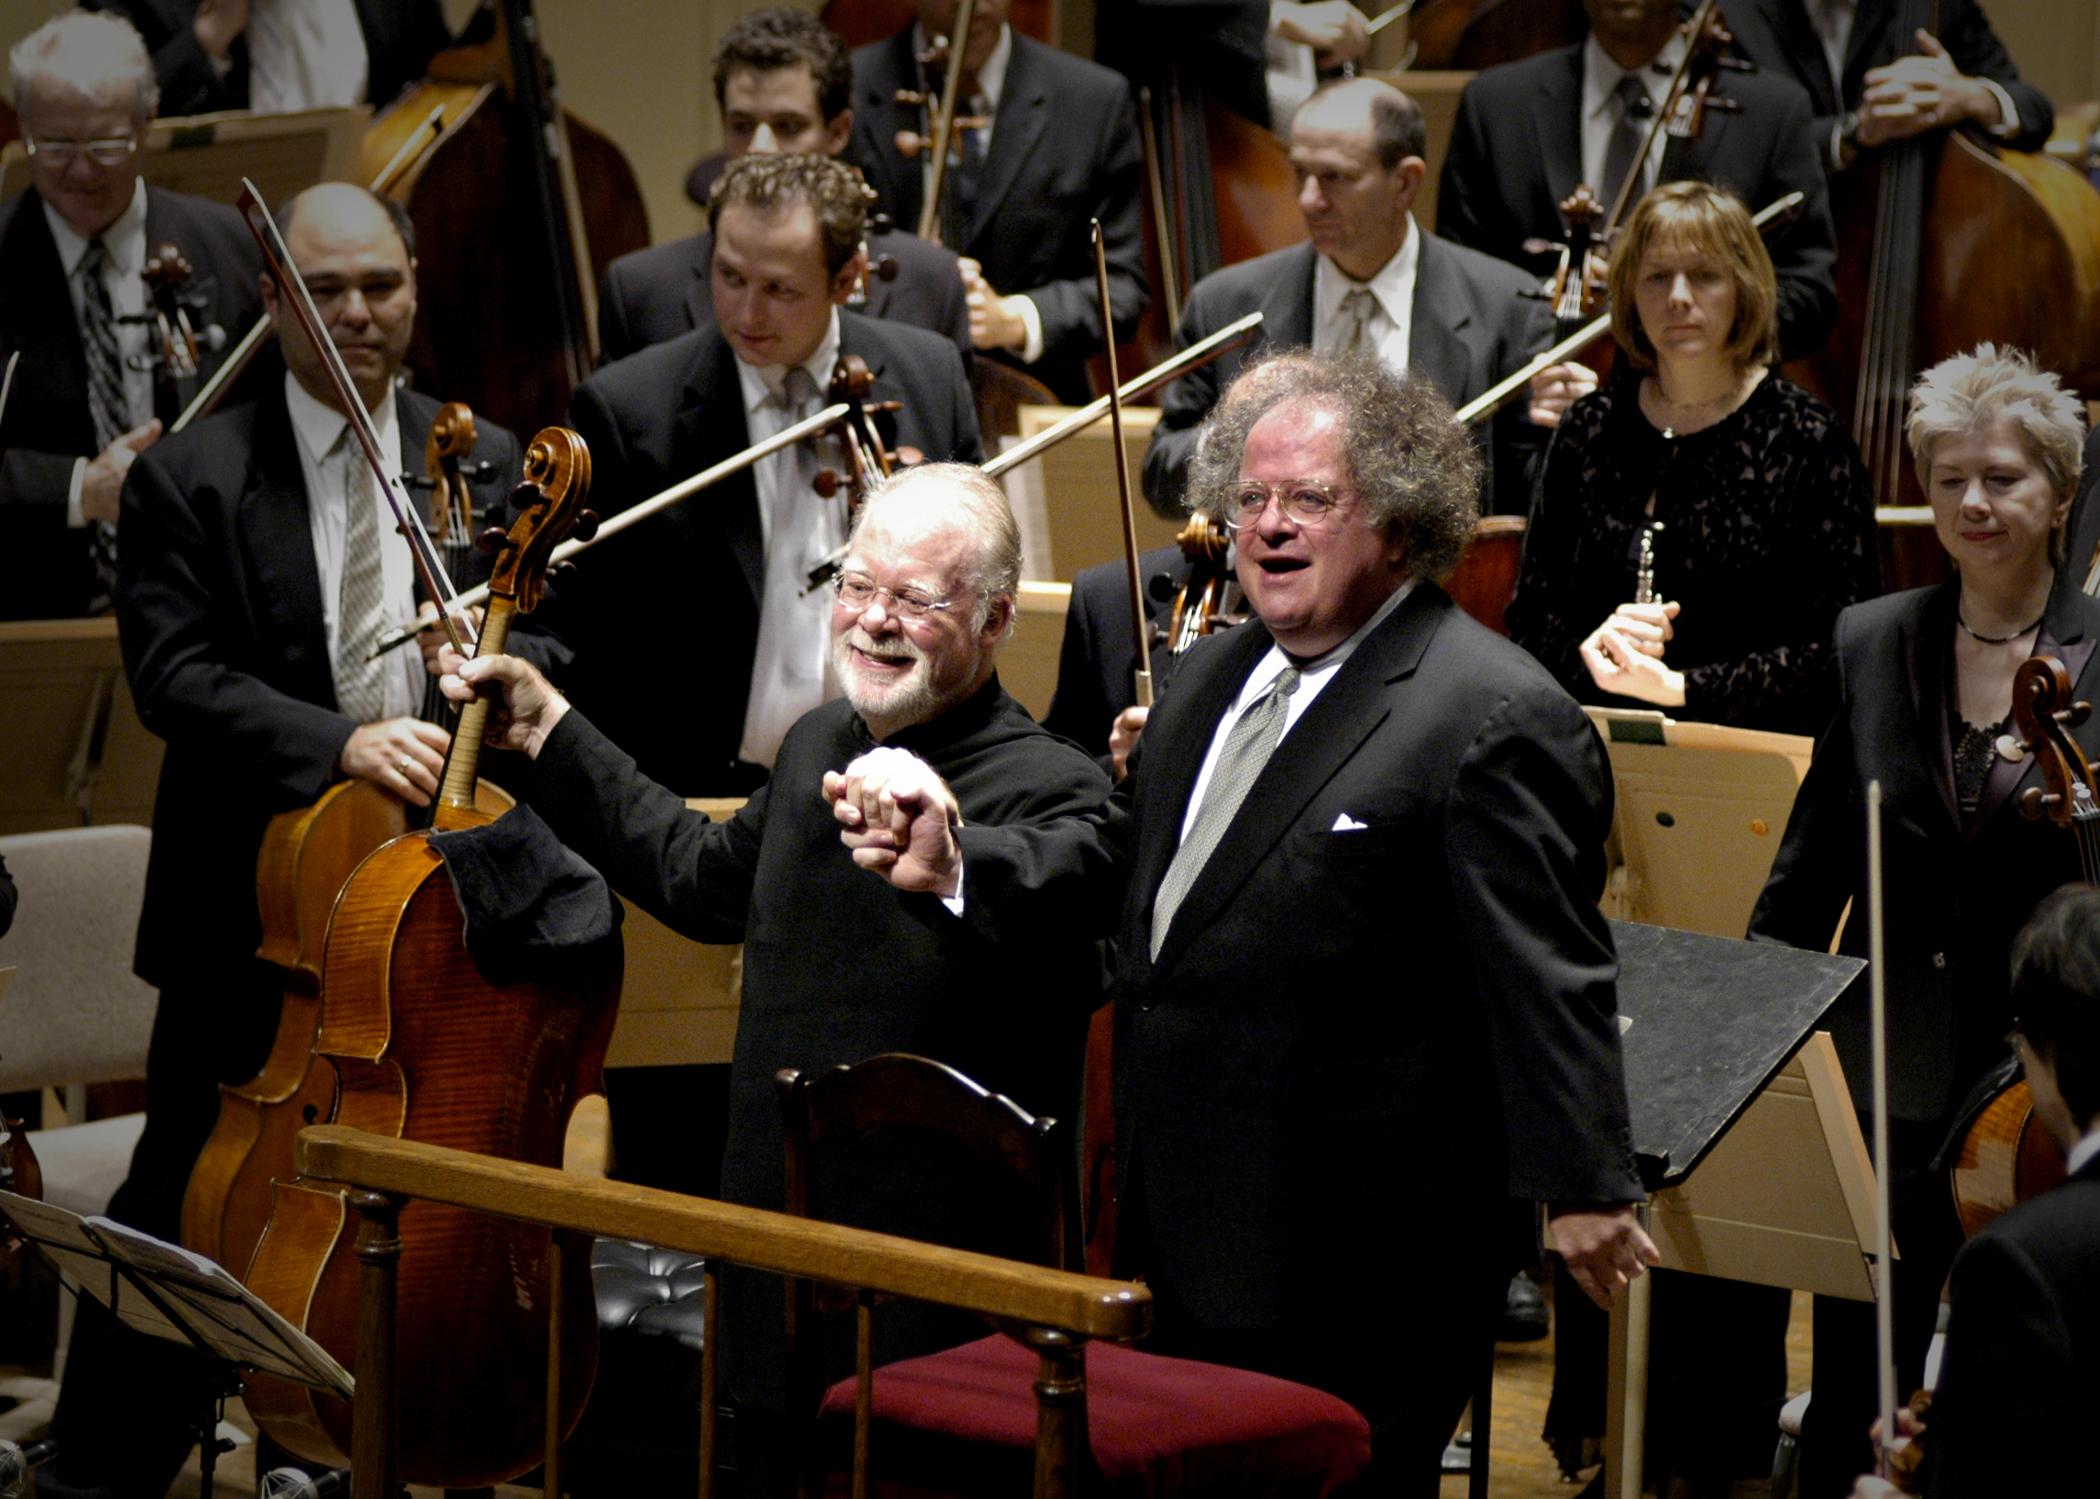 In the maestro's thrall - The Boston Globe